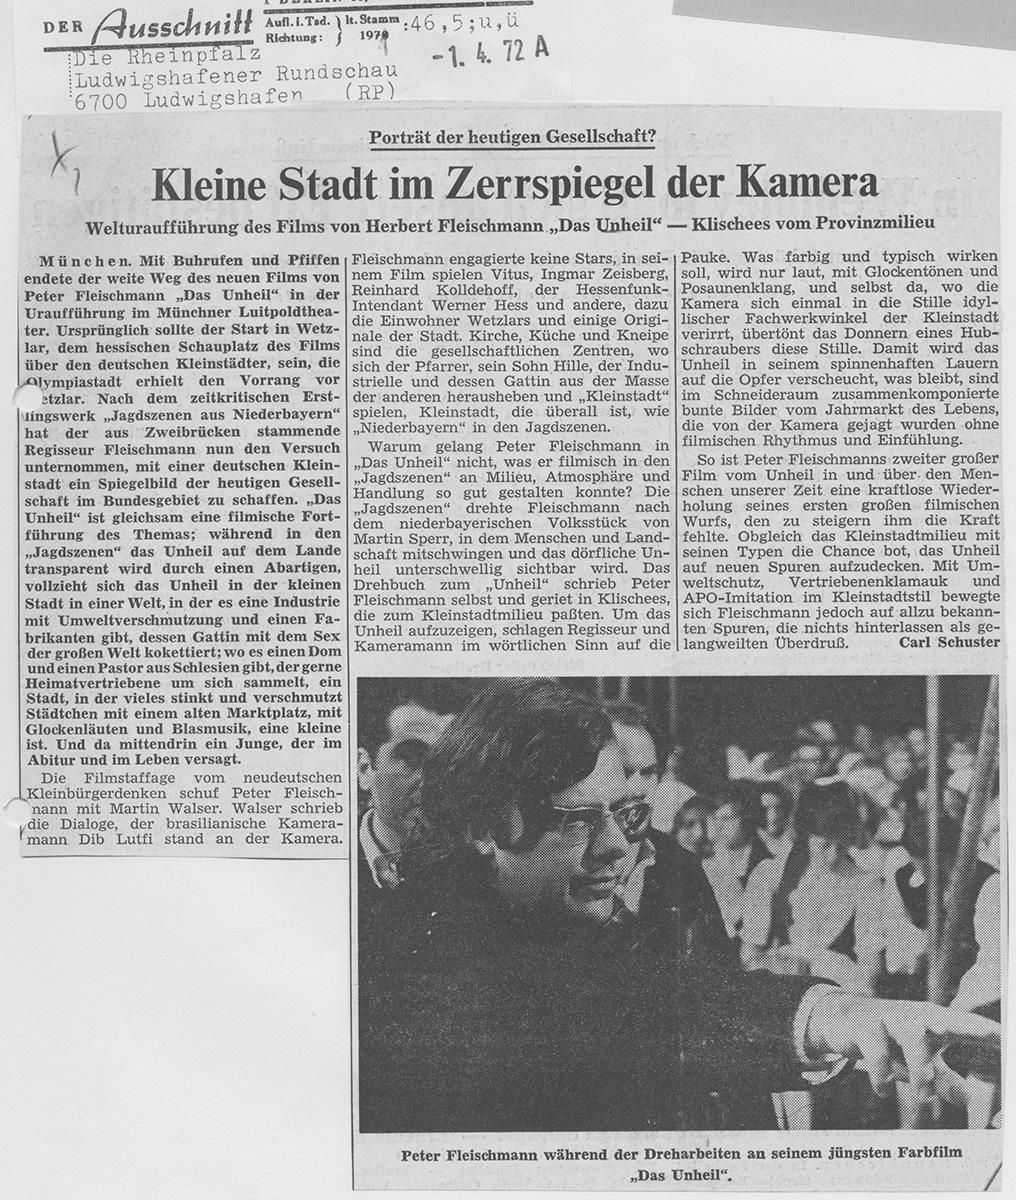 Die Rheinpfalz 1. April 1972